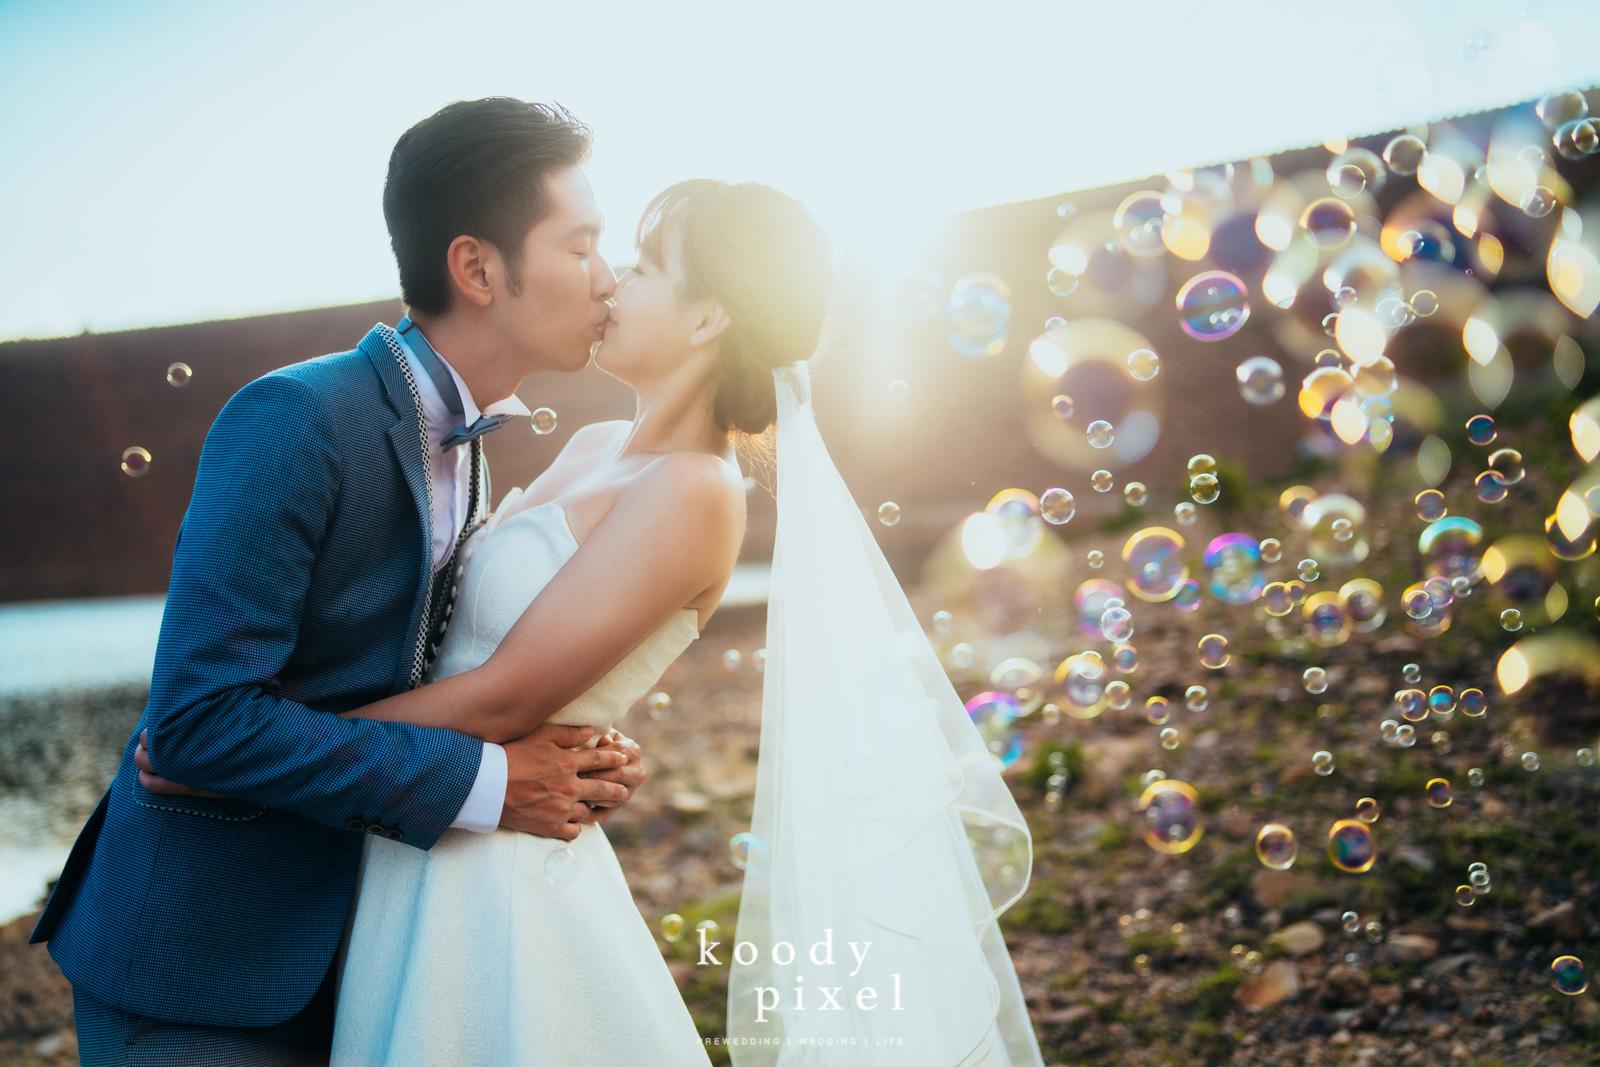 【炫耀文!我娶到了位賢妻】| HK Pre wedding | 小島婚紗攝影